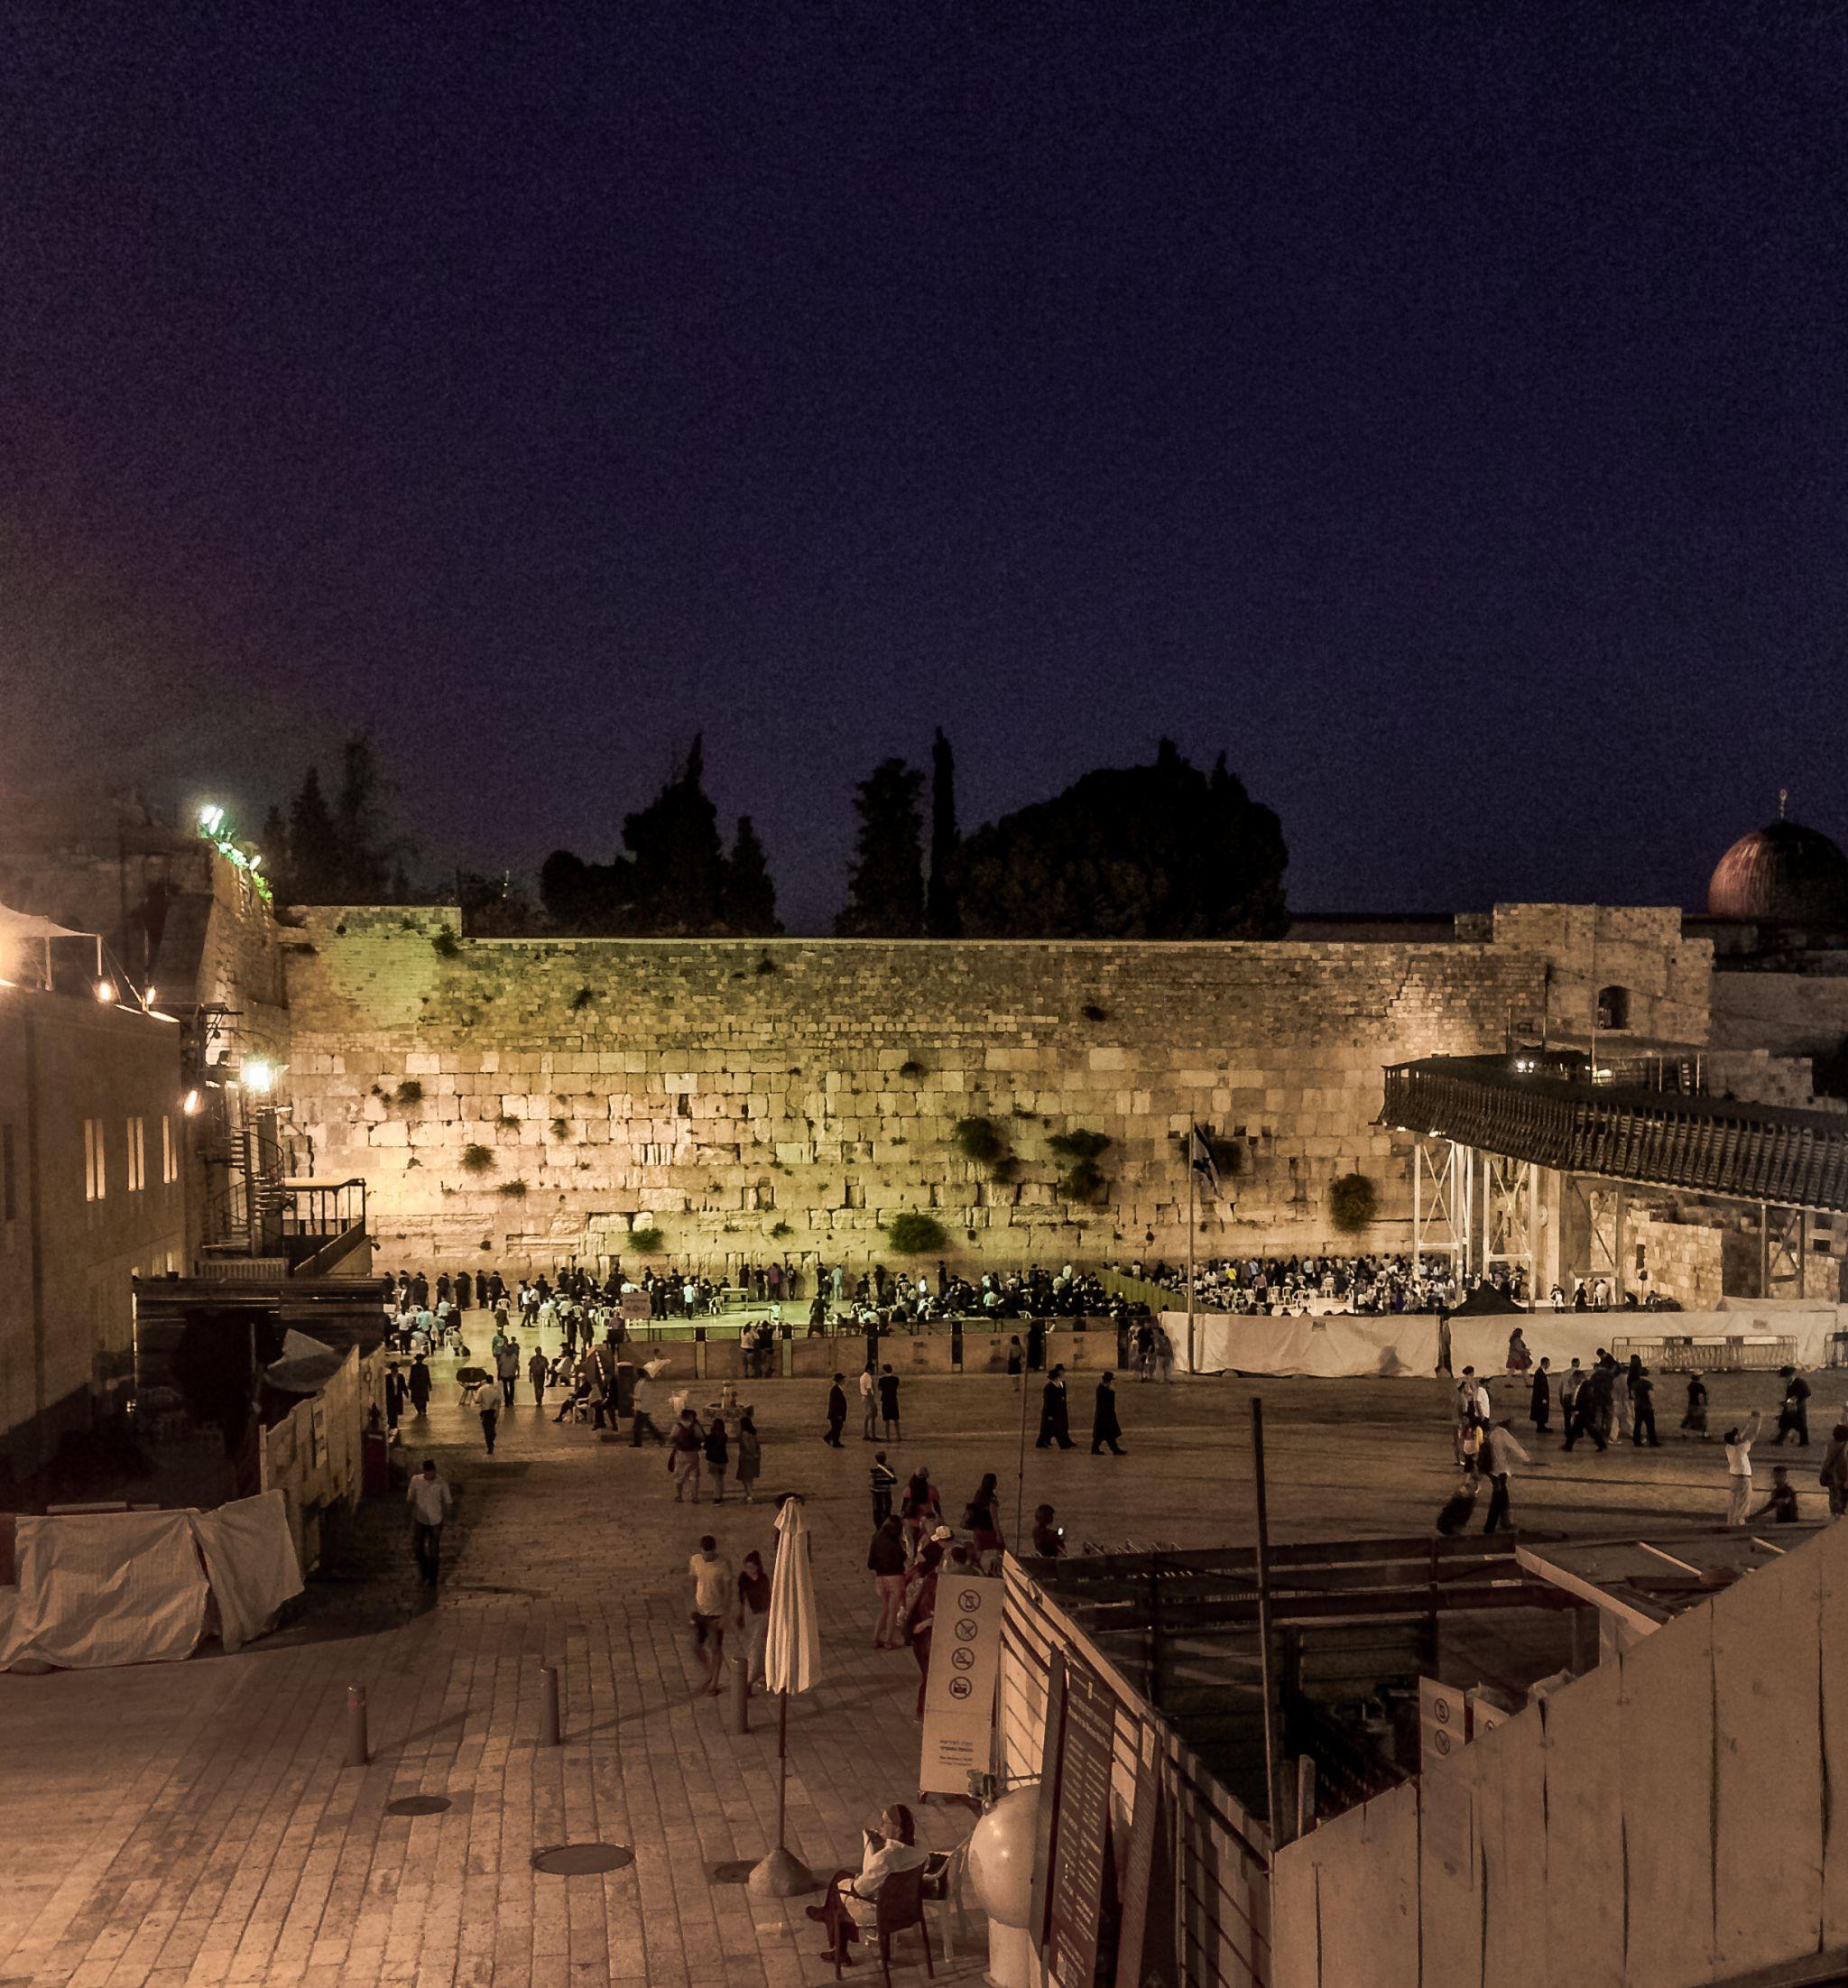 Jeruzalem, Zeď Nářků Izrael